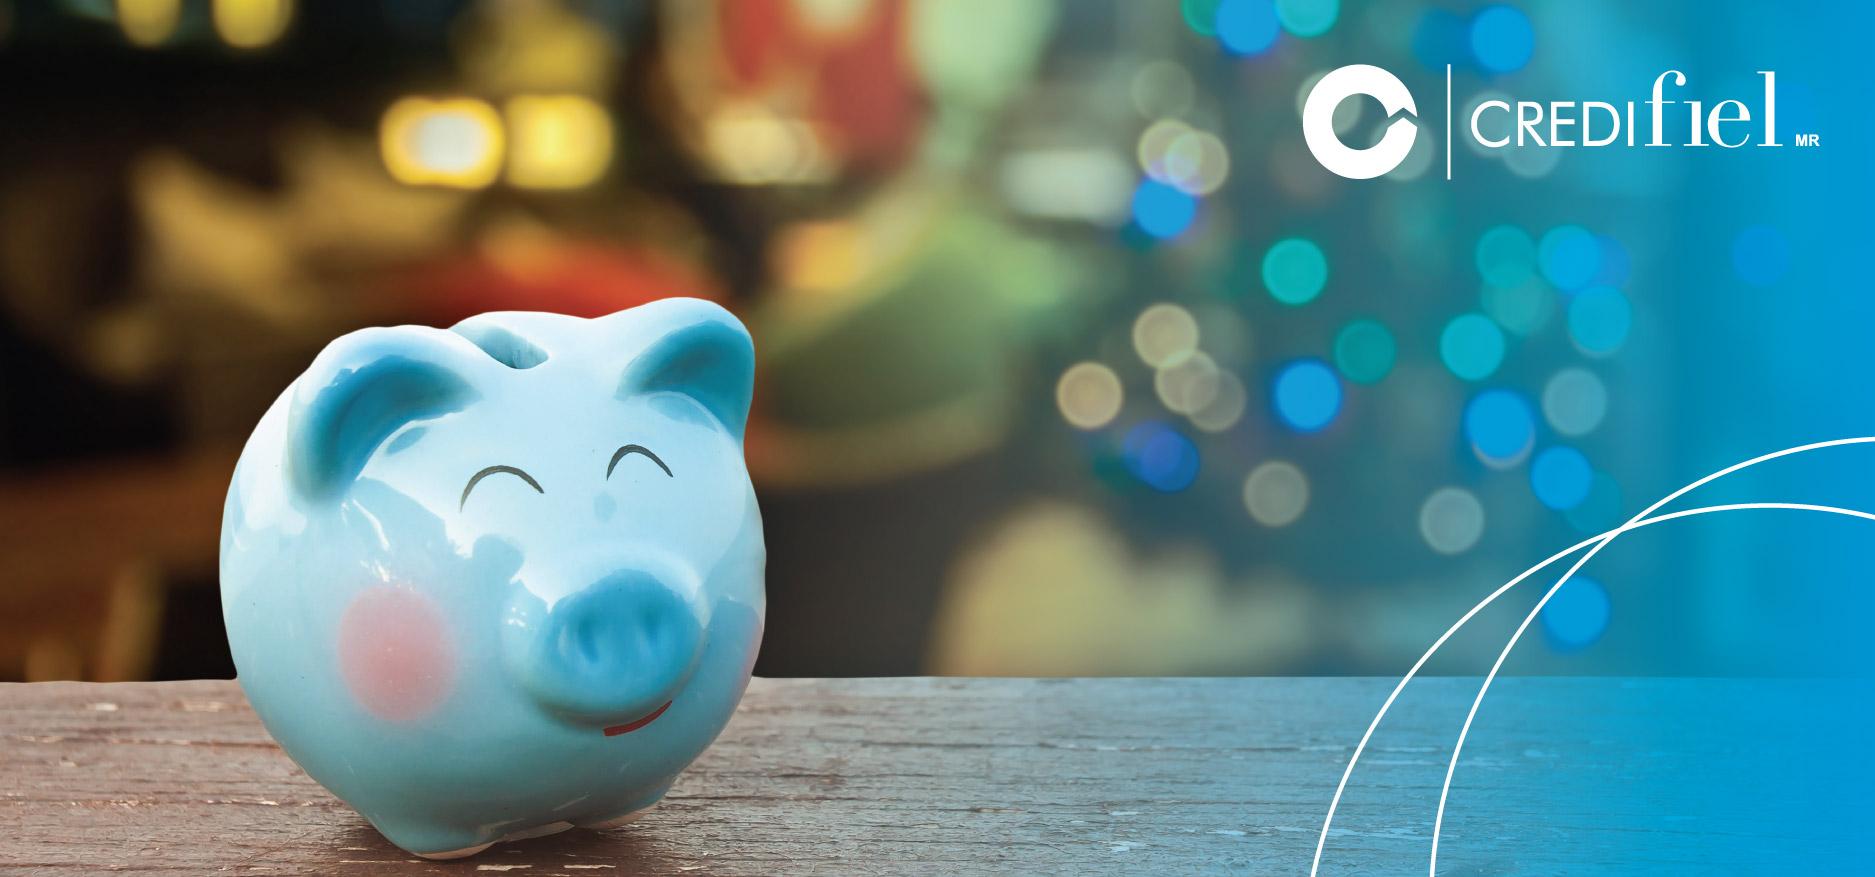 art-01-Consejos-para-cuidar-tus-finanzas-en-navidad